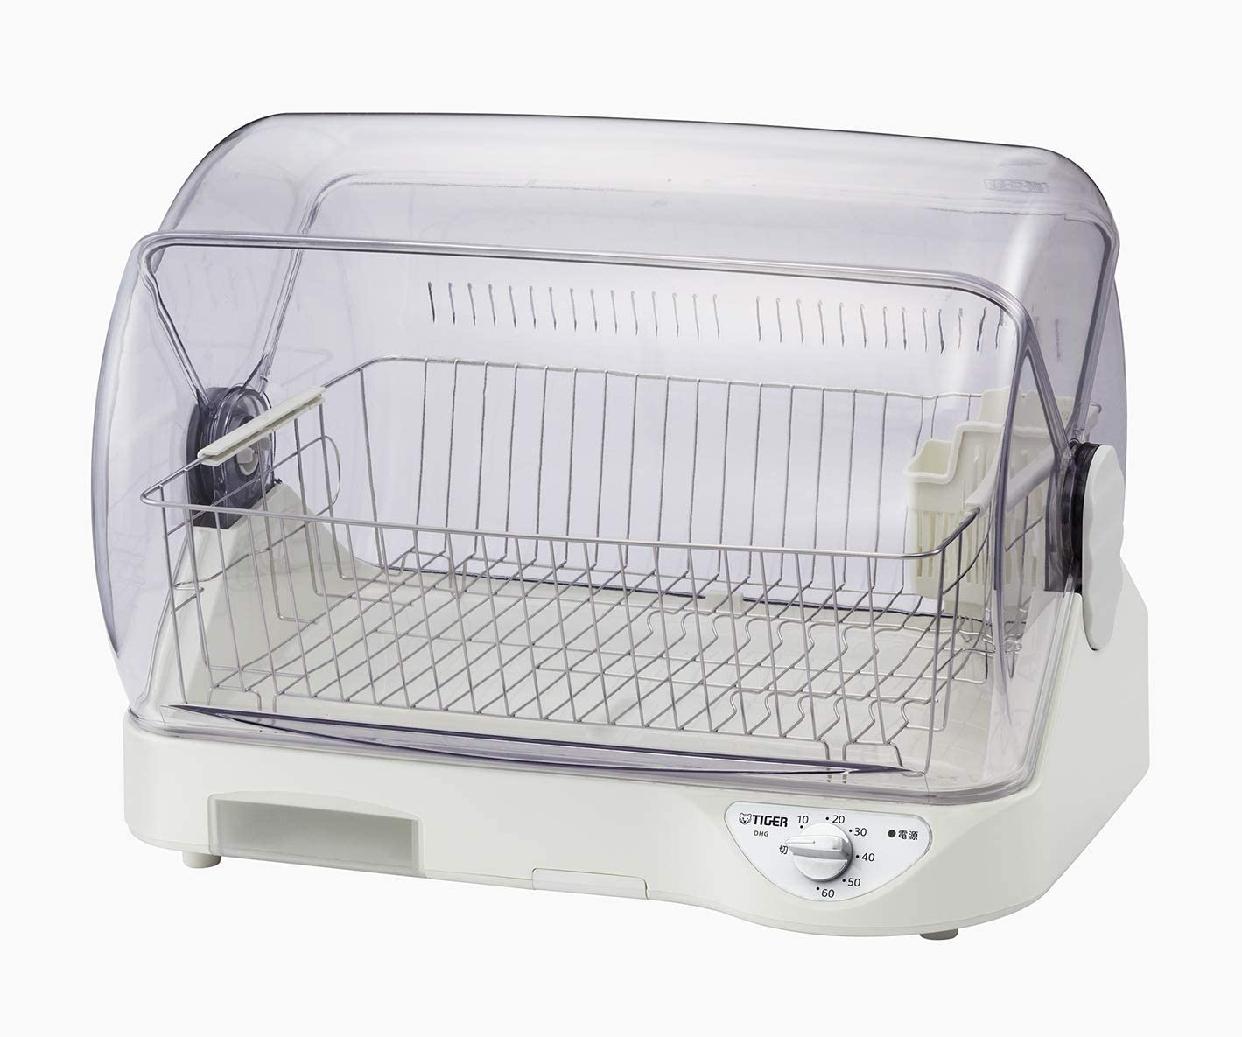 タイガー魔法瓶(TIGER) 食器乾燥器 DHG-T400の商品画像